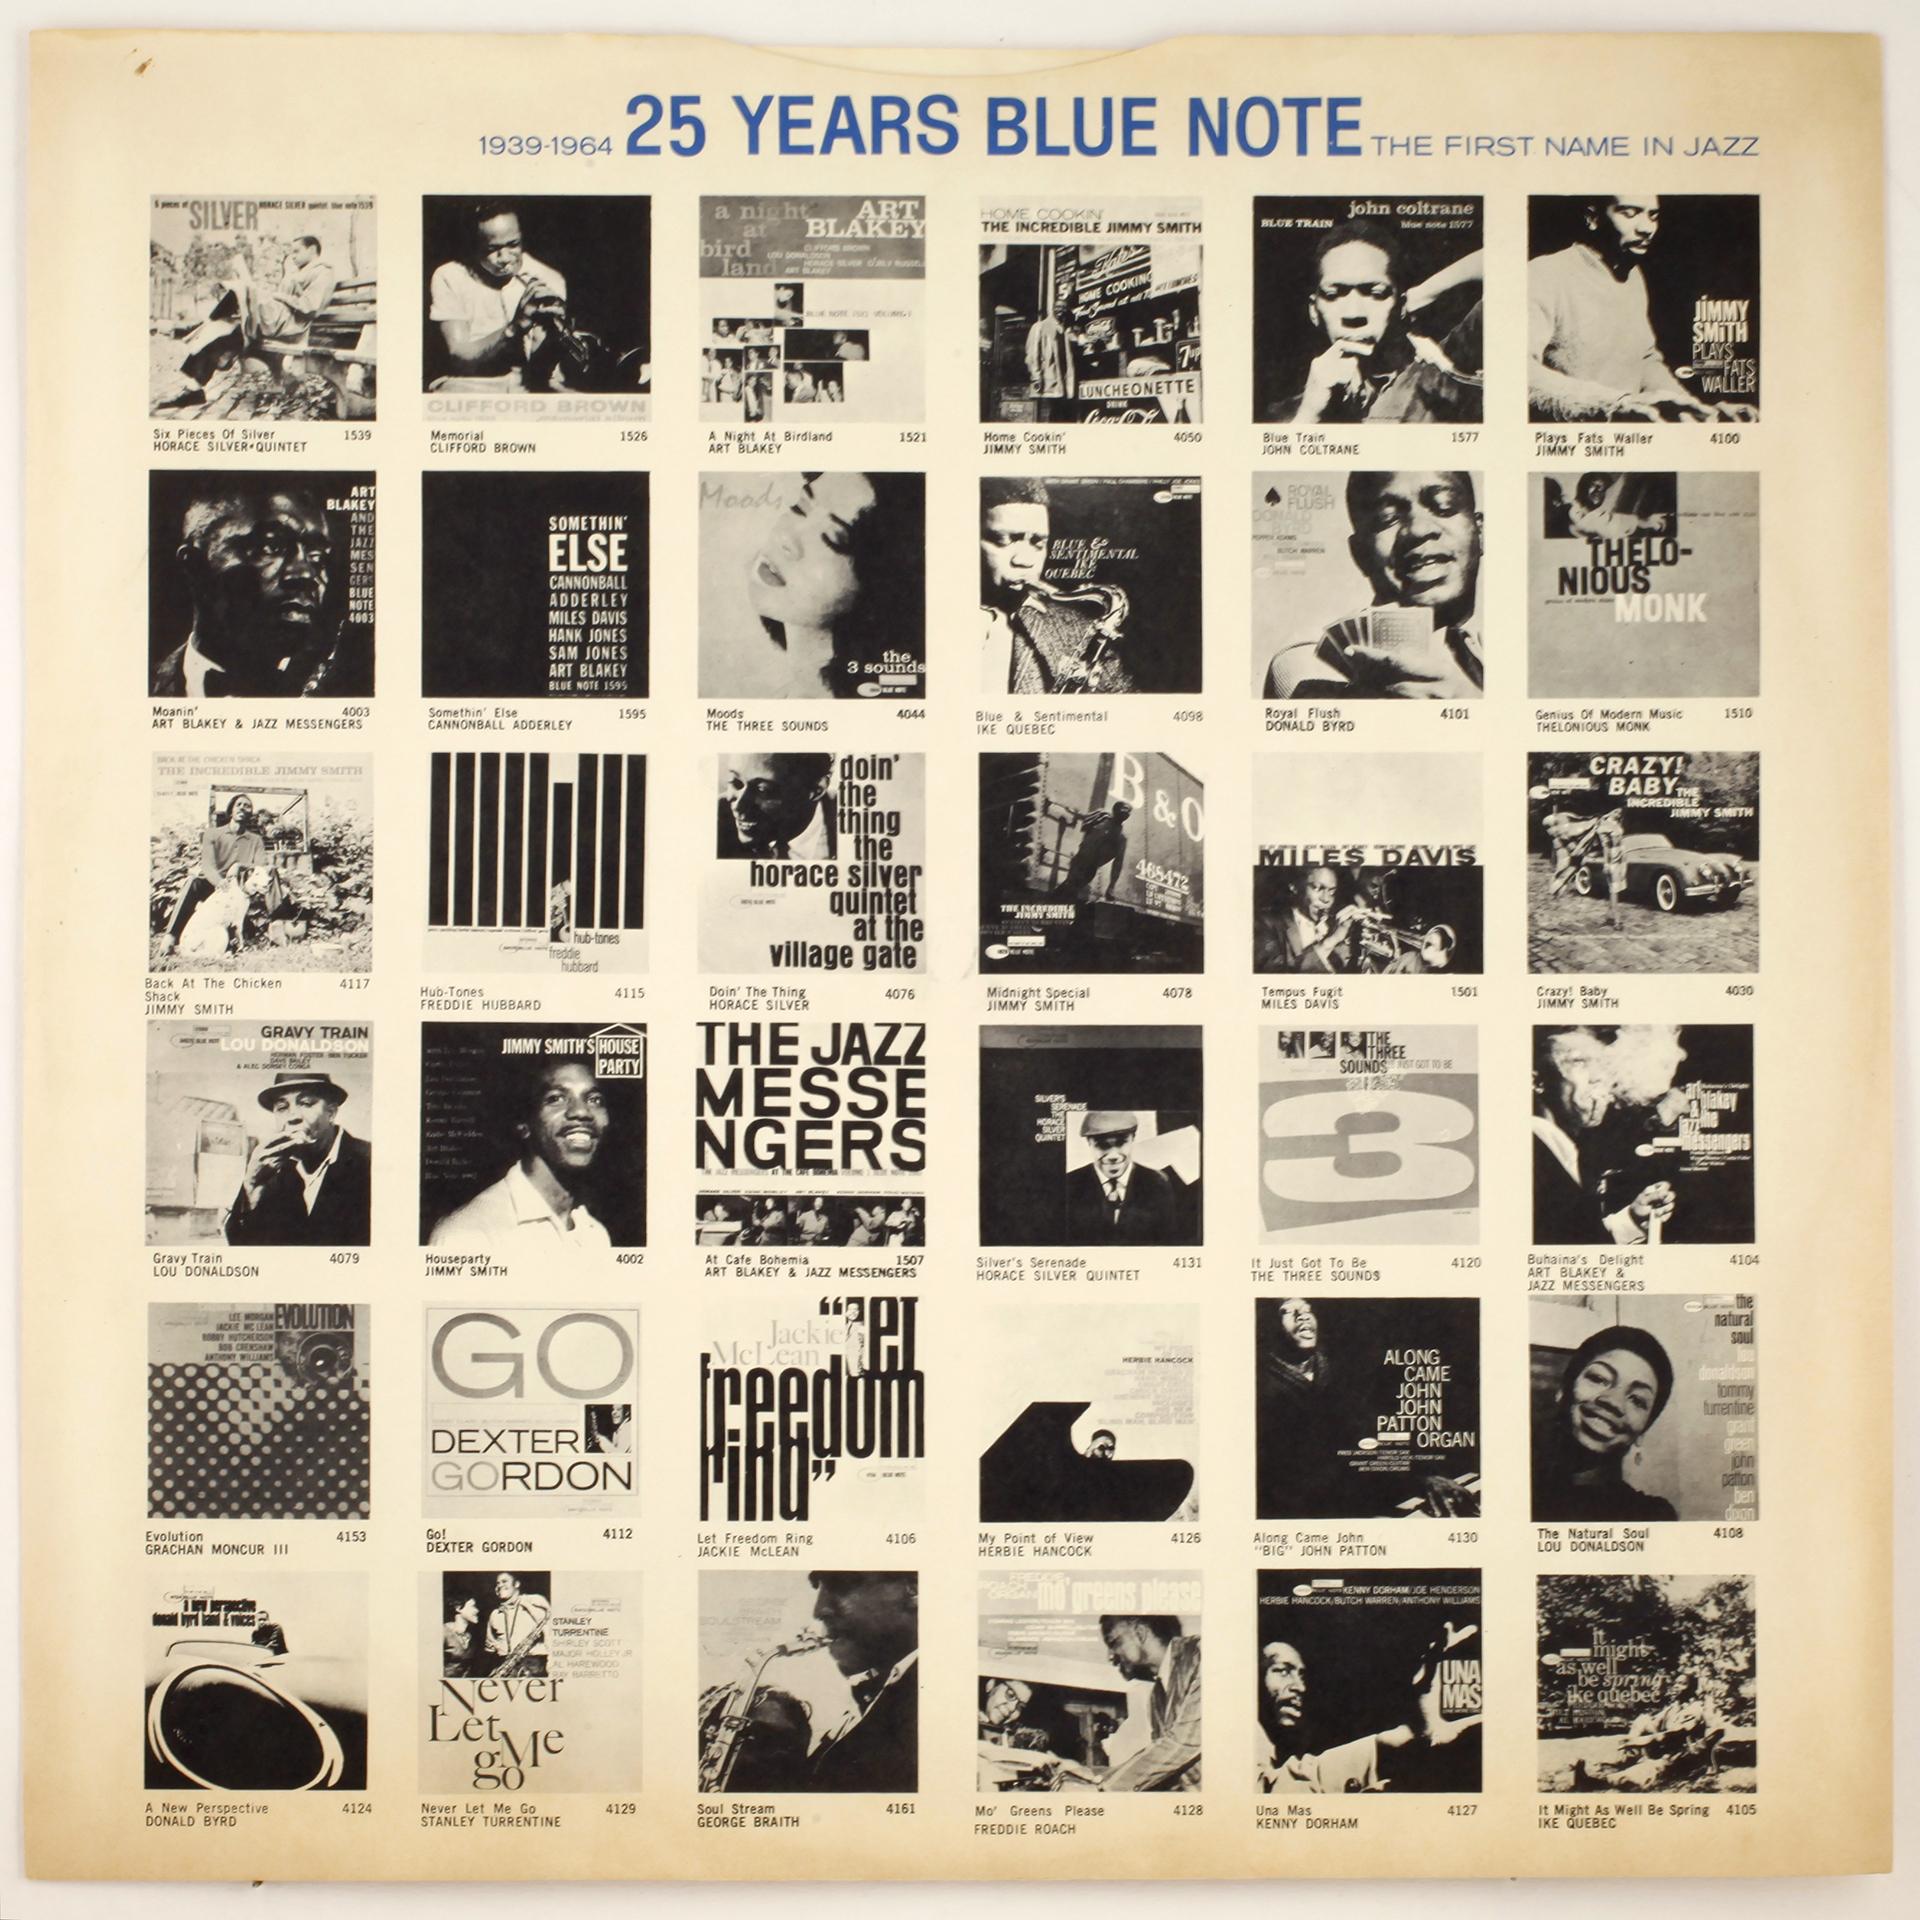 Lee Morgan The Sidewinder 1963 Blue Note